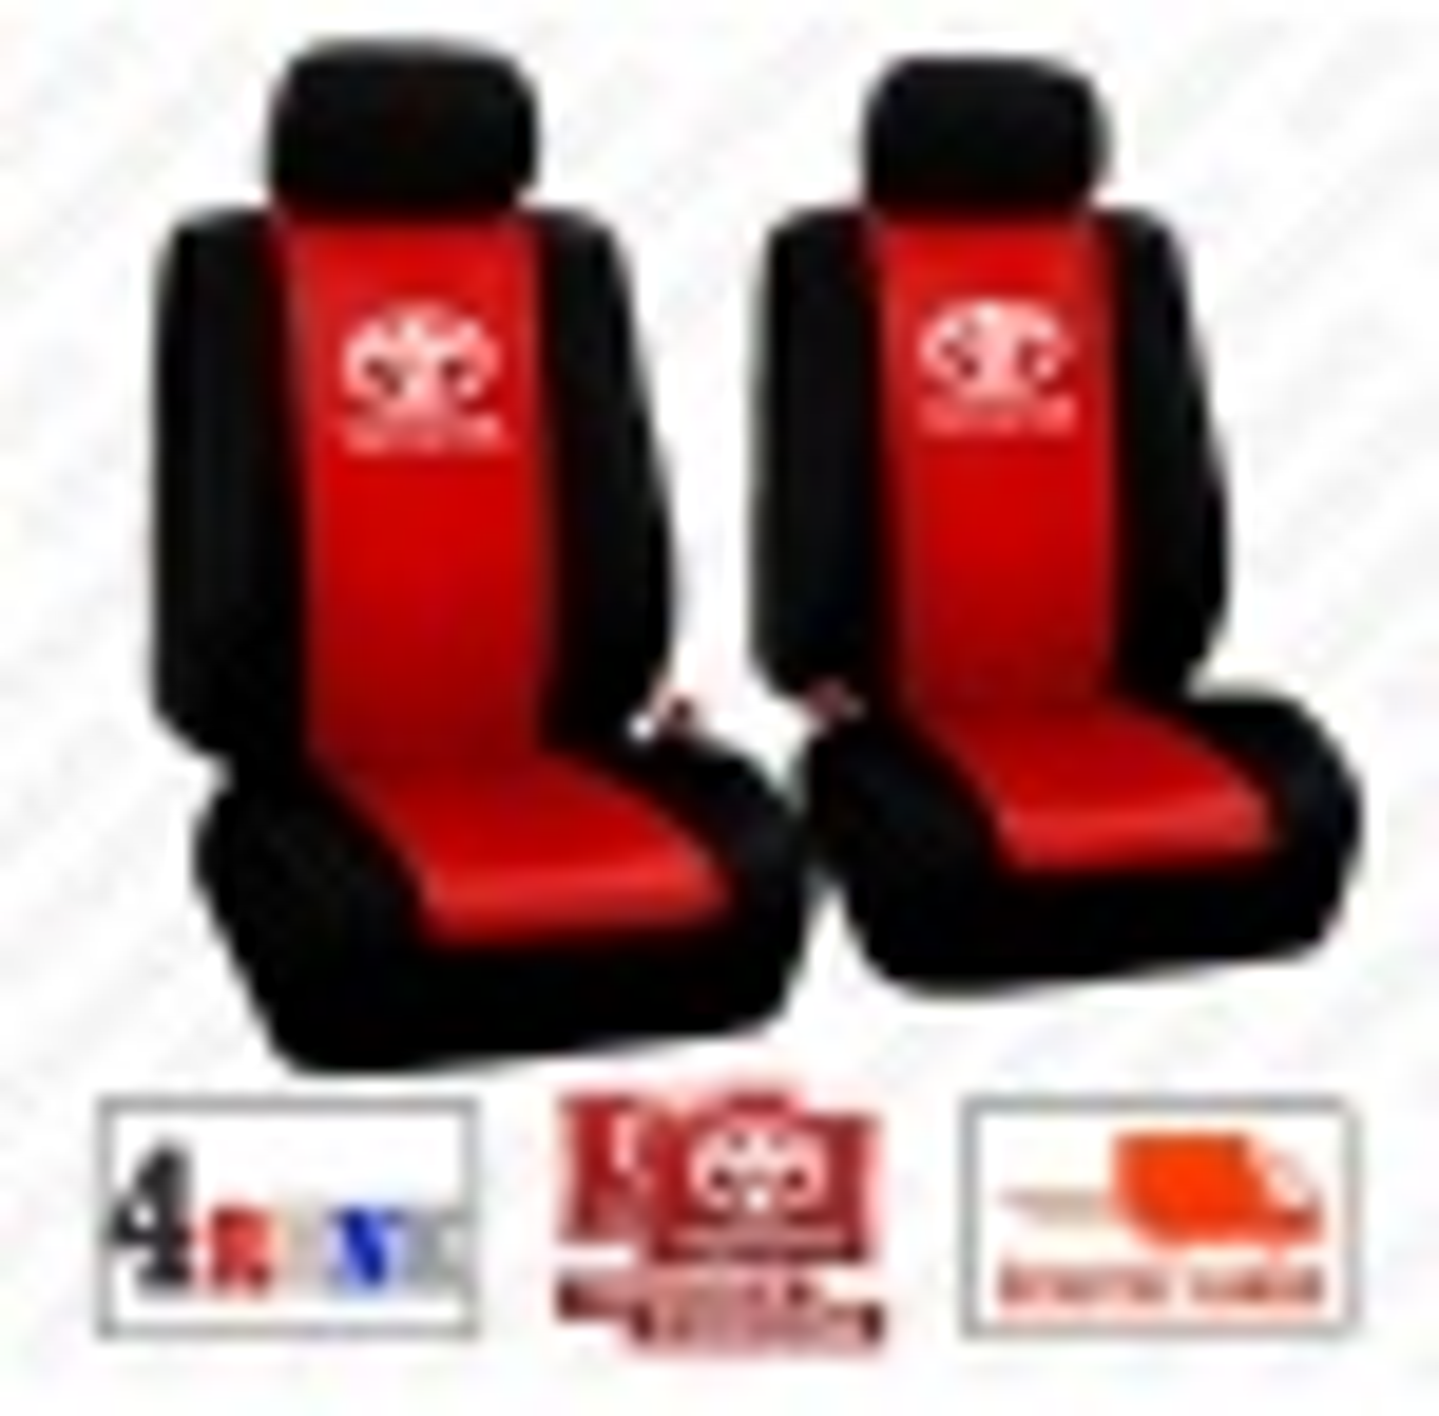 Toyota Oto Koltuk Kılıfı Set KUMAŞ +2 Lİ YASTIK 2 Lİ KEMER HEDİYE MODEL SEÇİNİZ TÜM ARAÇLAR